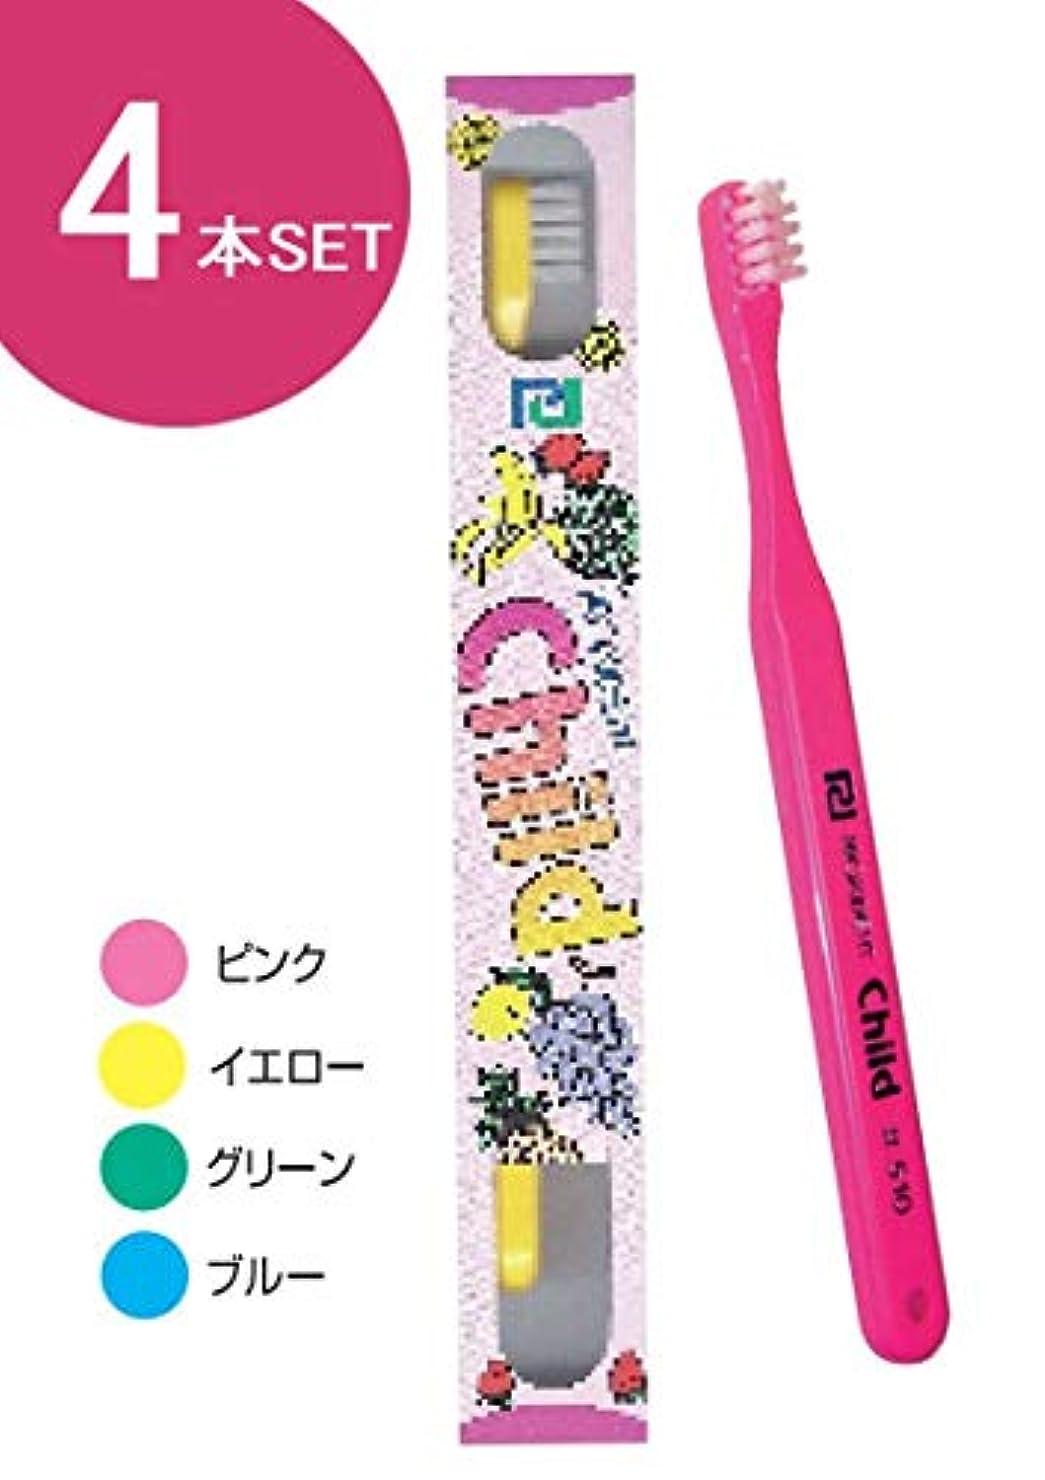 スラッシュ蓋筋肉のプローデント プロキシデント チャイルド 歯ブラシ #510 (4本)